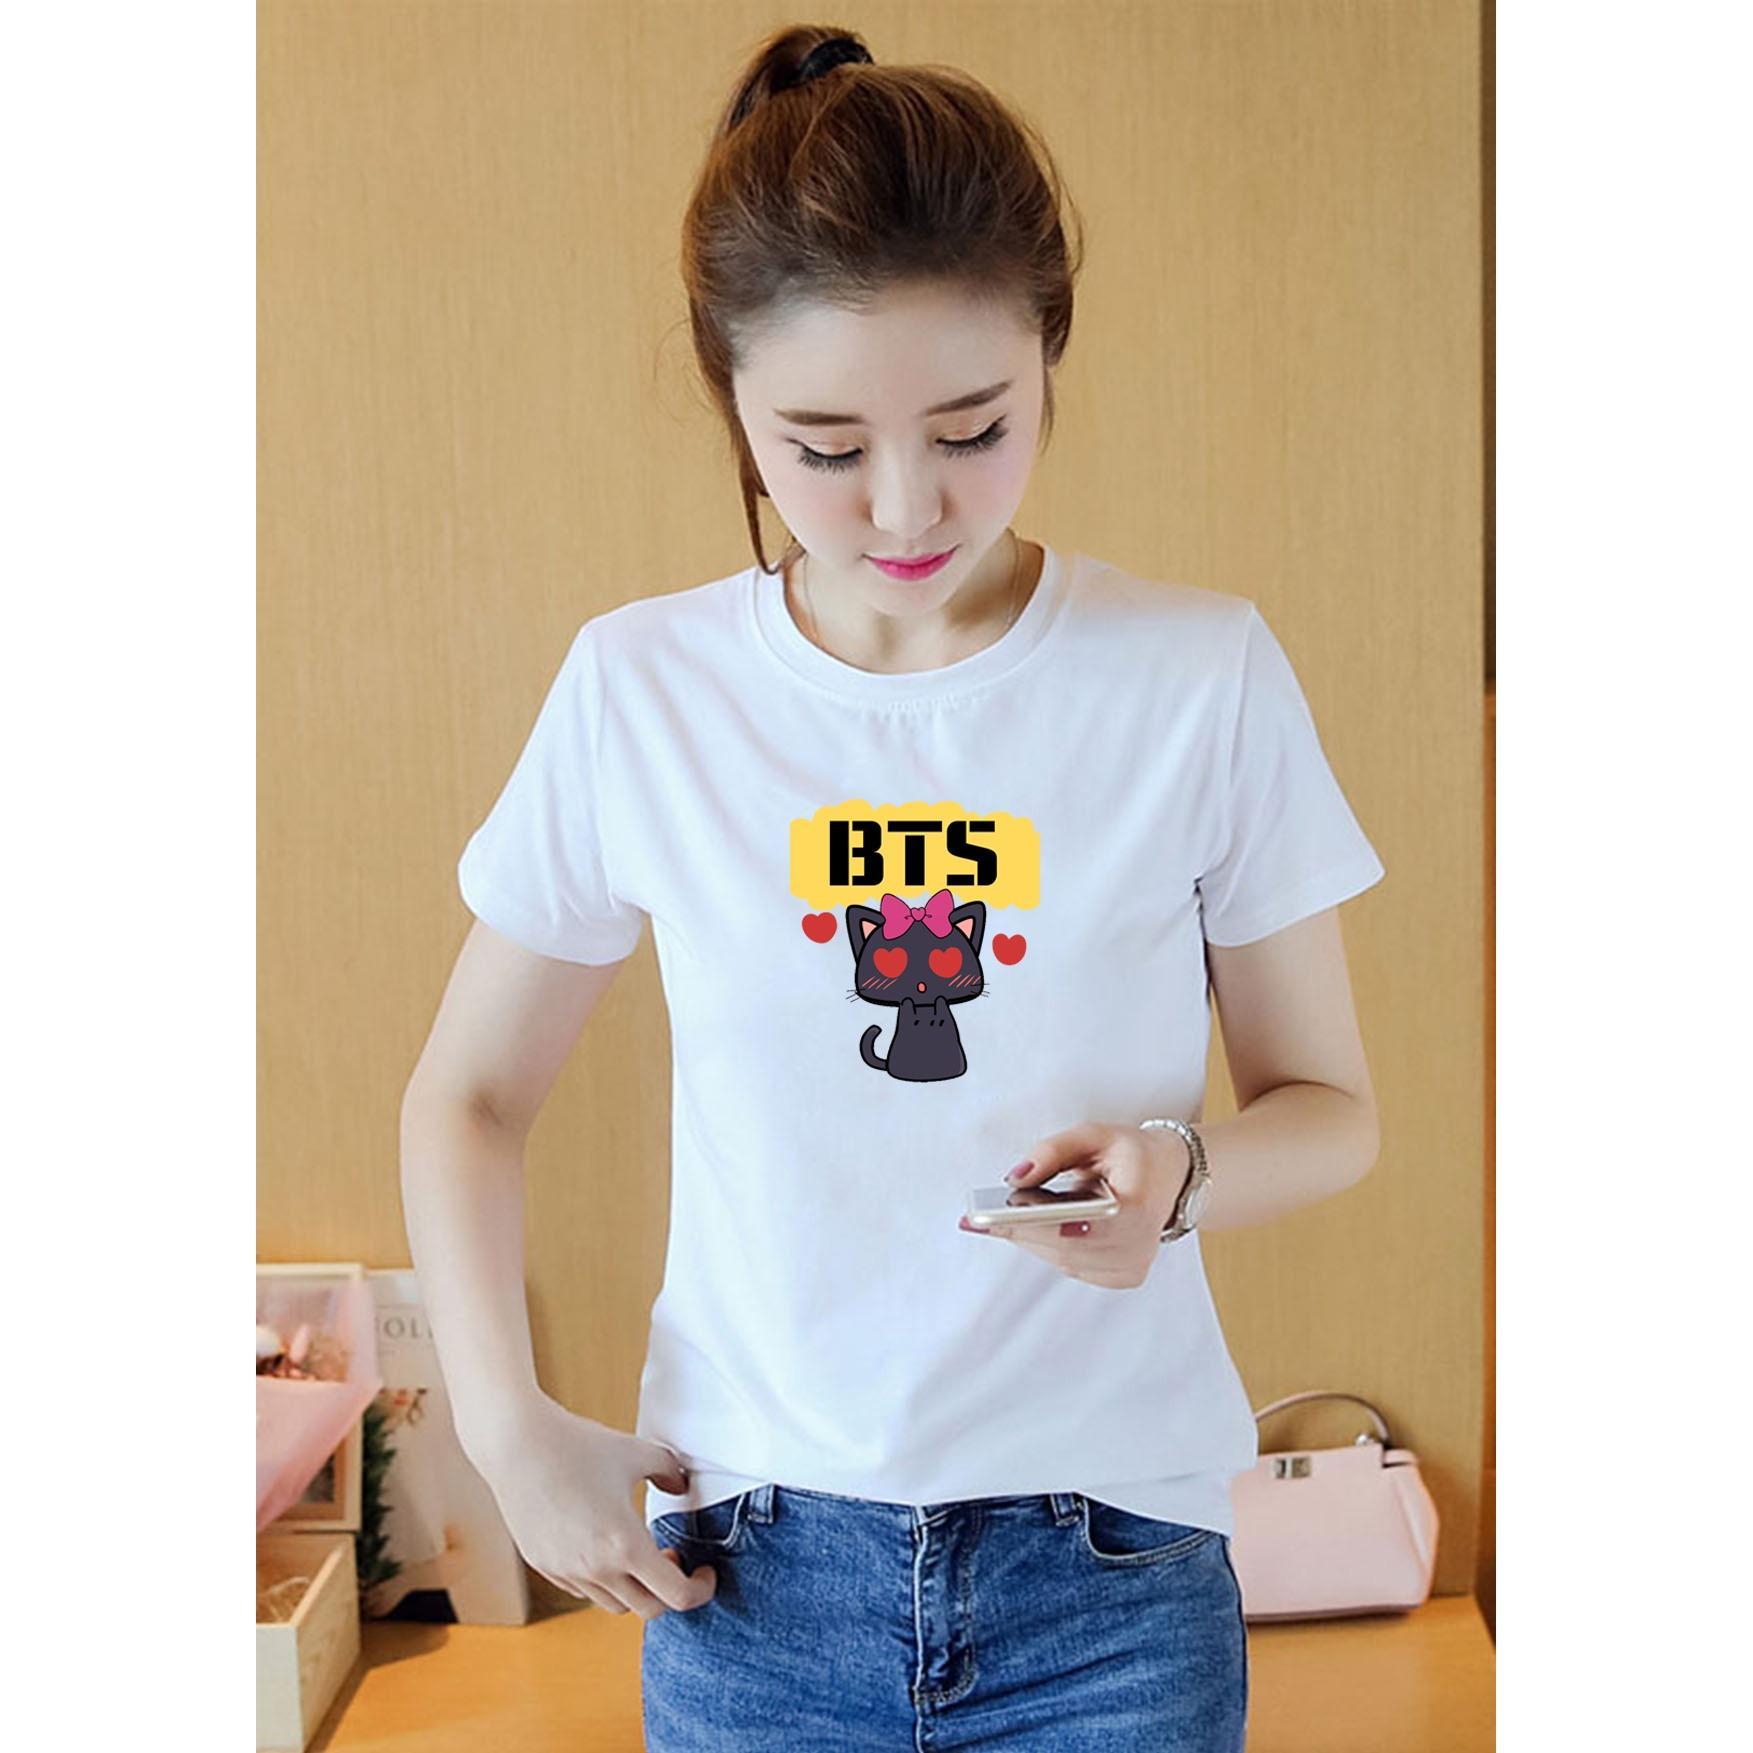 Áo Thun Phông nữ in hình BTS- ATNK811-808 Form Rộng Hàn Quốc AoThun102